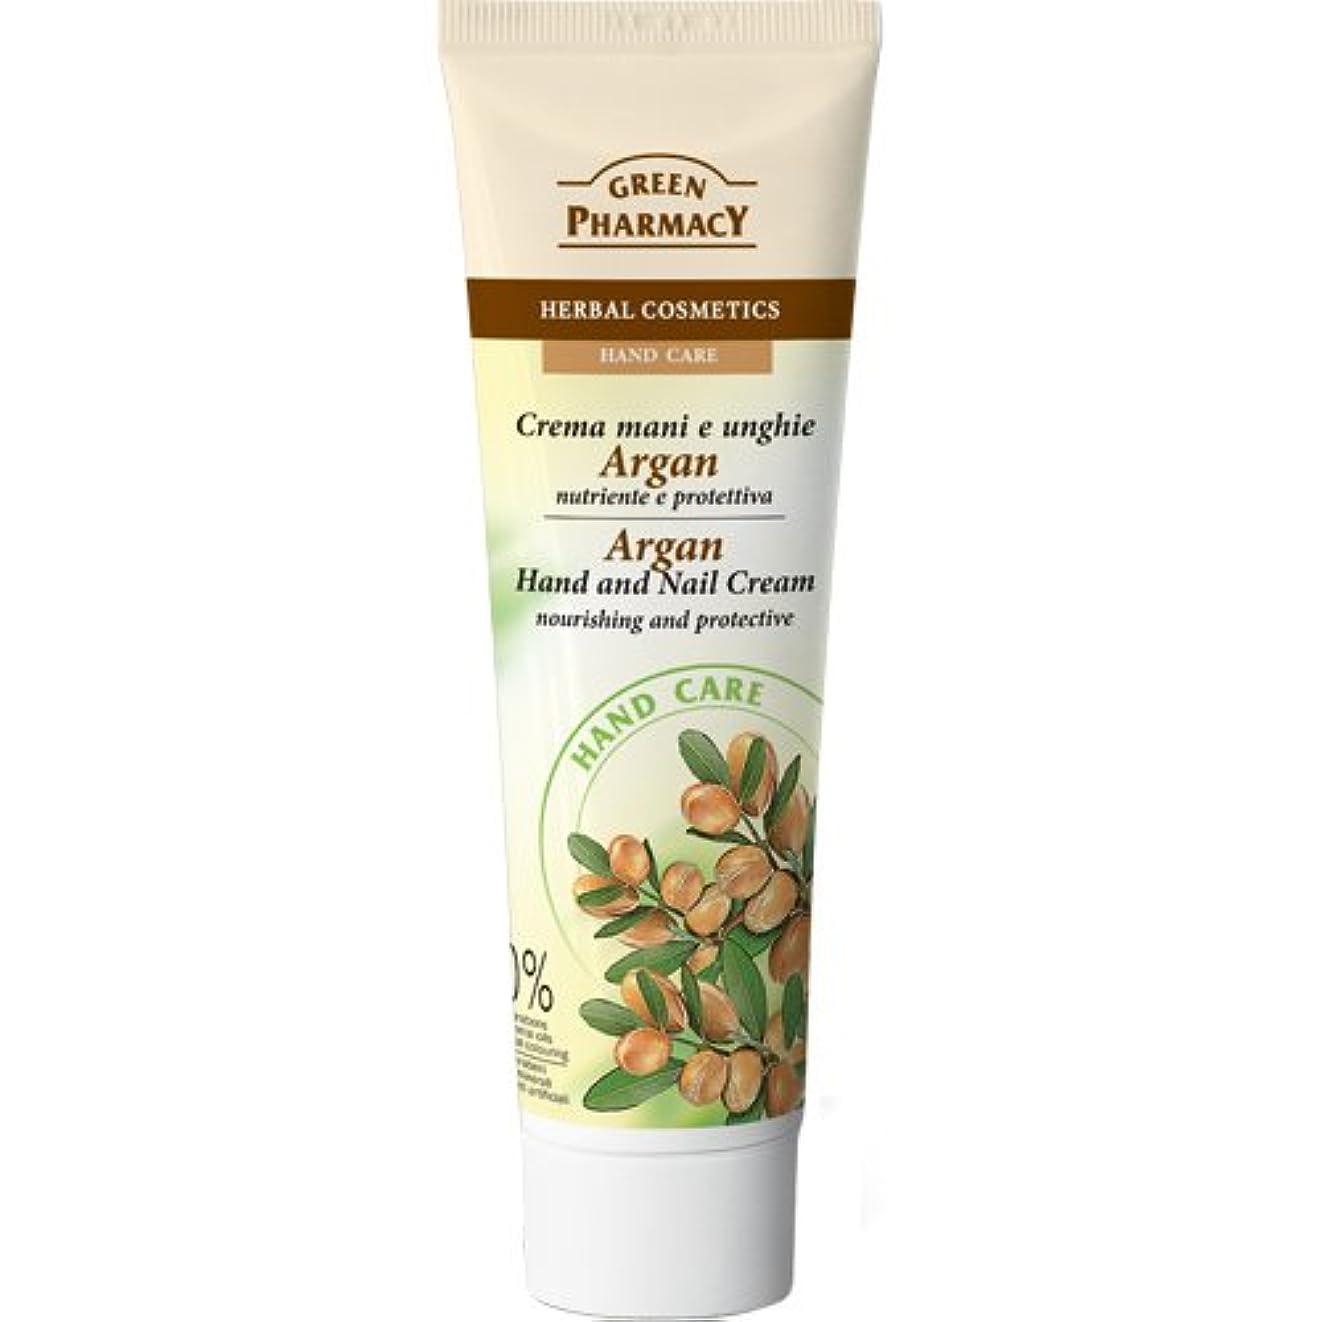 年齢サイレンキャンプElfa Pharm Green Pharmacy グリーンファーマシー Hand&Nail Cream ハンド&ネイルクリーム Argan Oil